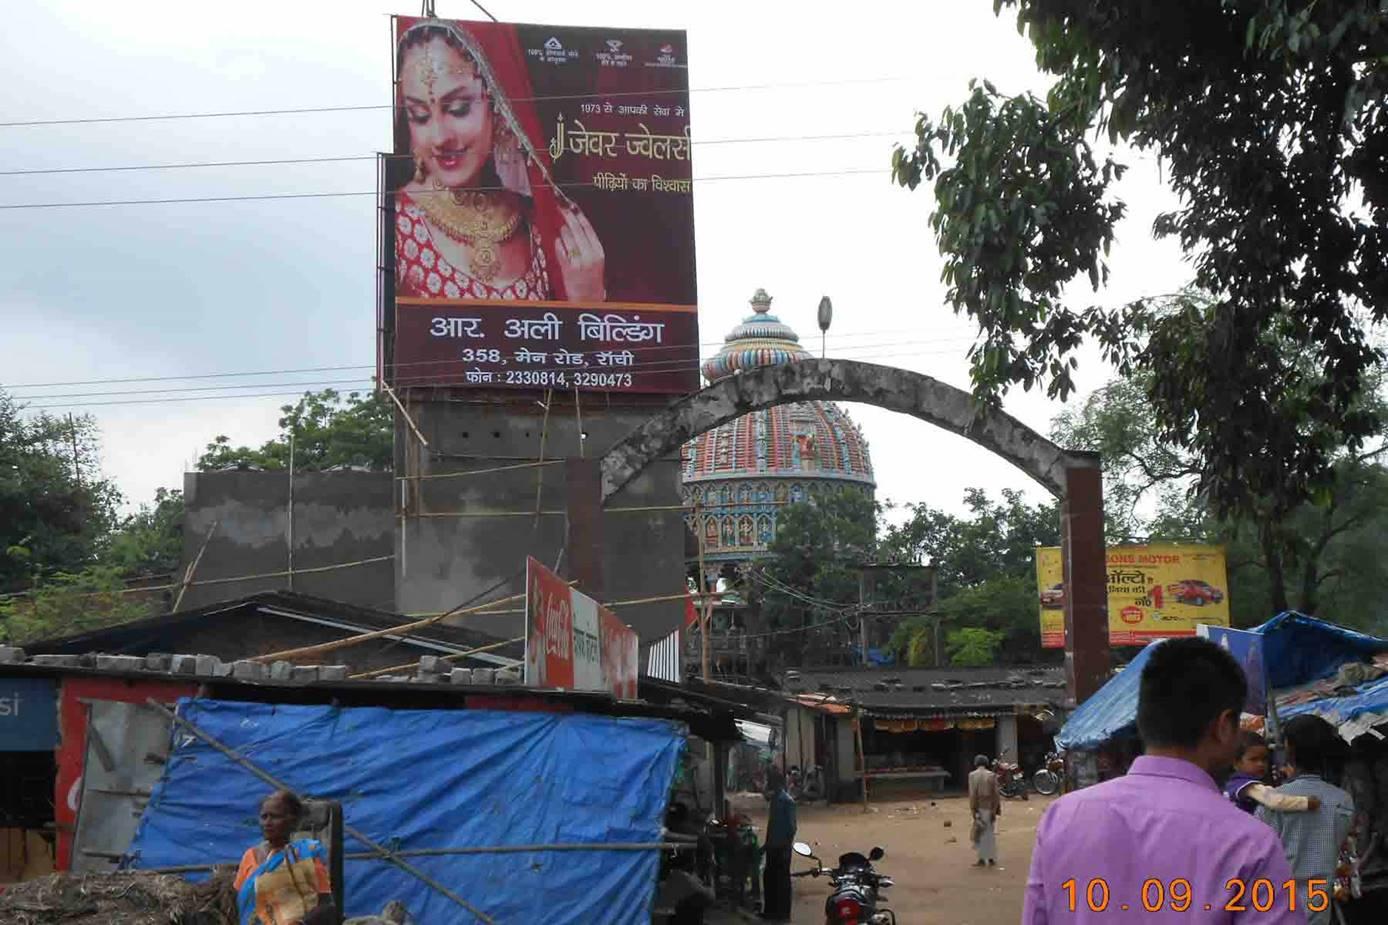 Devri Mandir Entry  Bundu, Ranchi